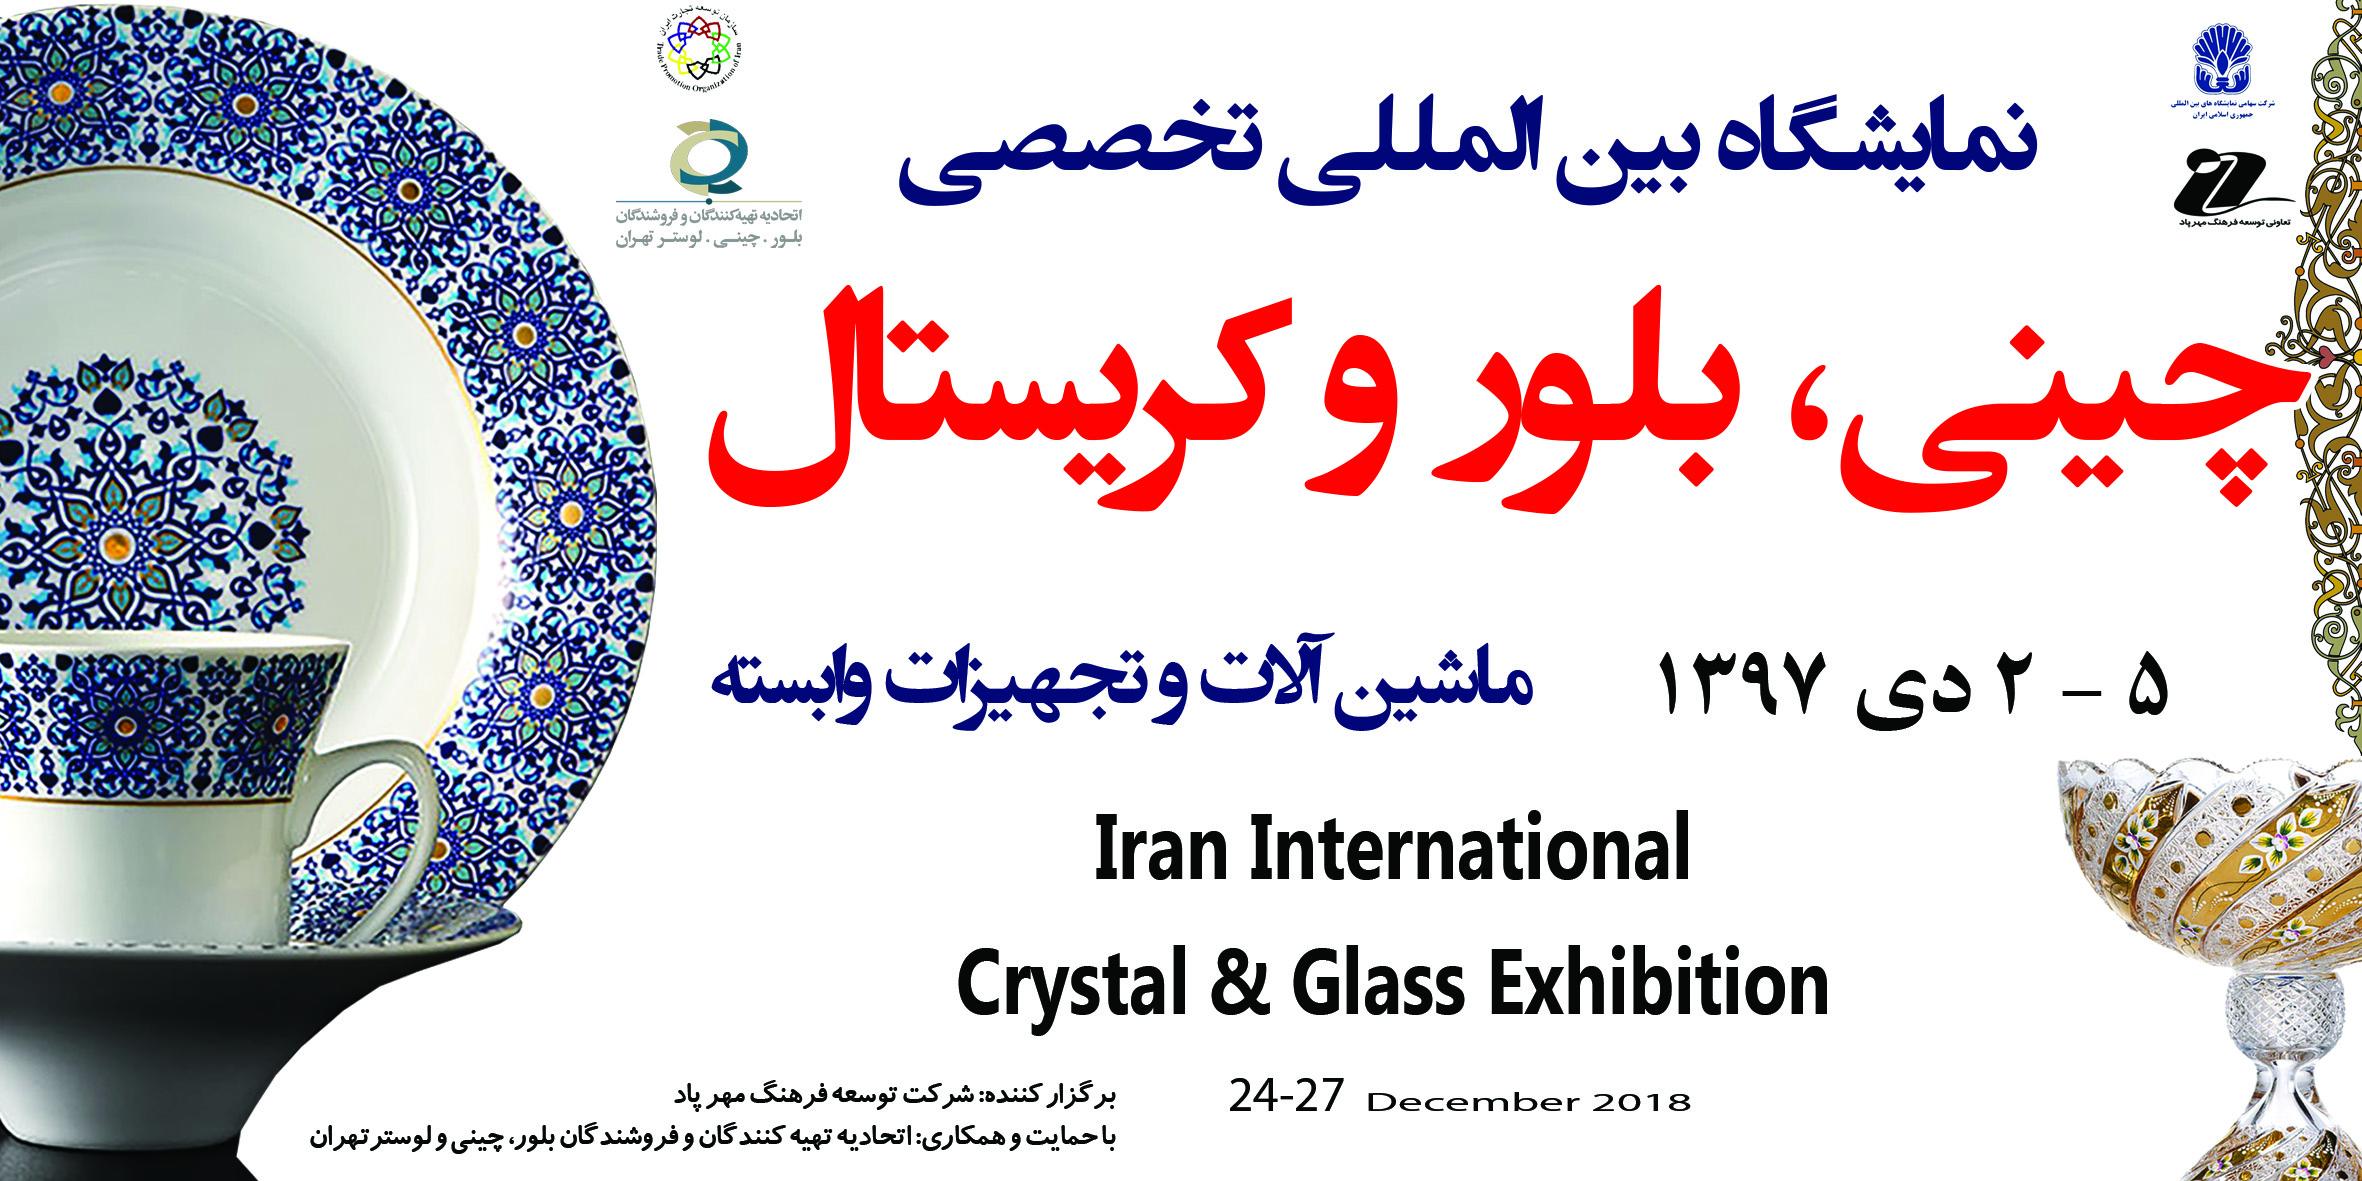 نمایشگاه بین المللی صنعت چینی، بلور، کریستال، تجهیزات ماشین آلات و صنایع وابسته تهران اولین دوره